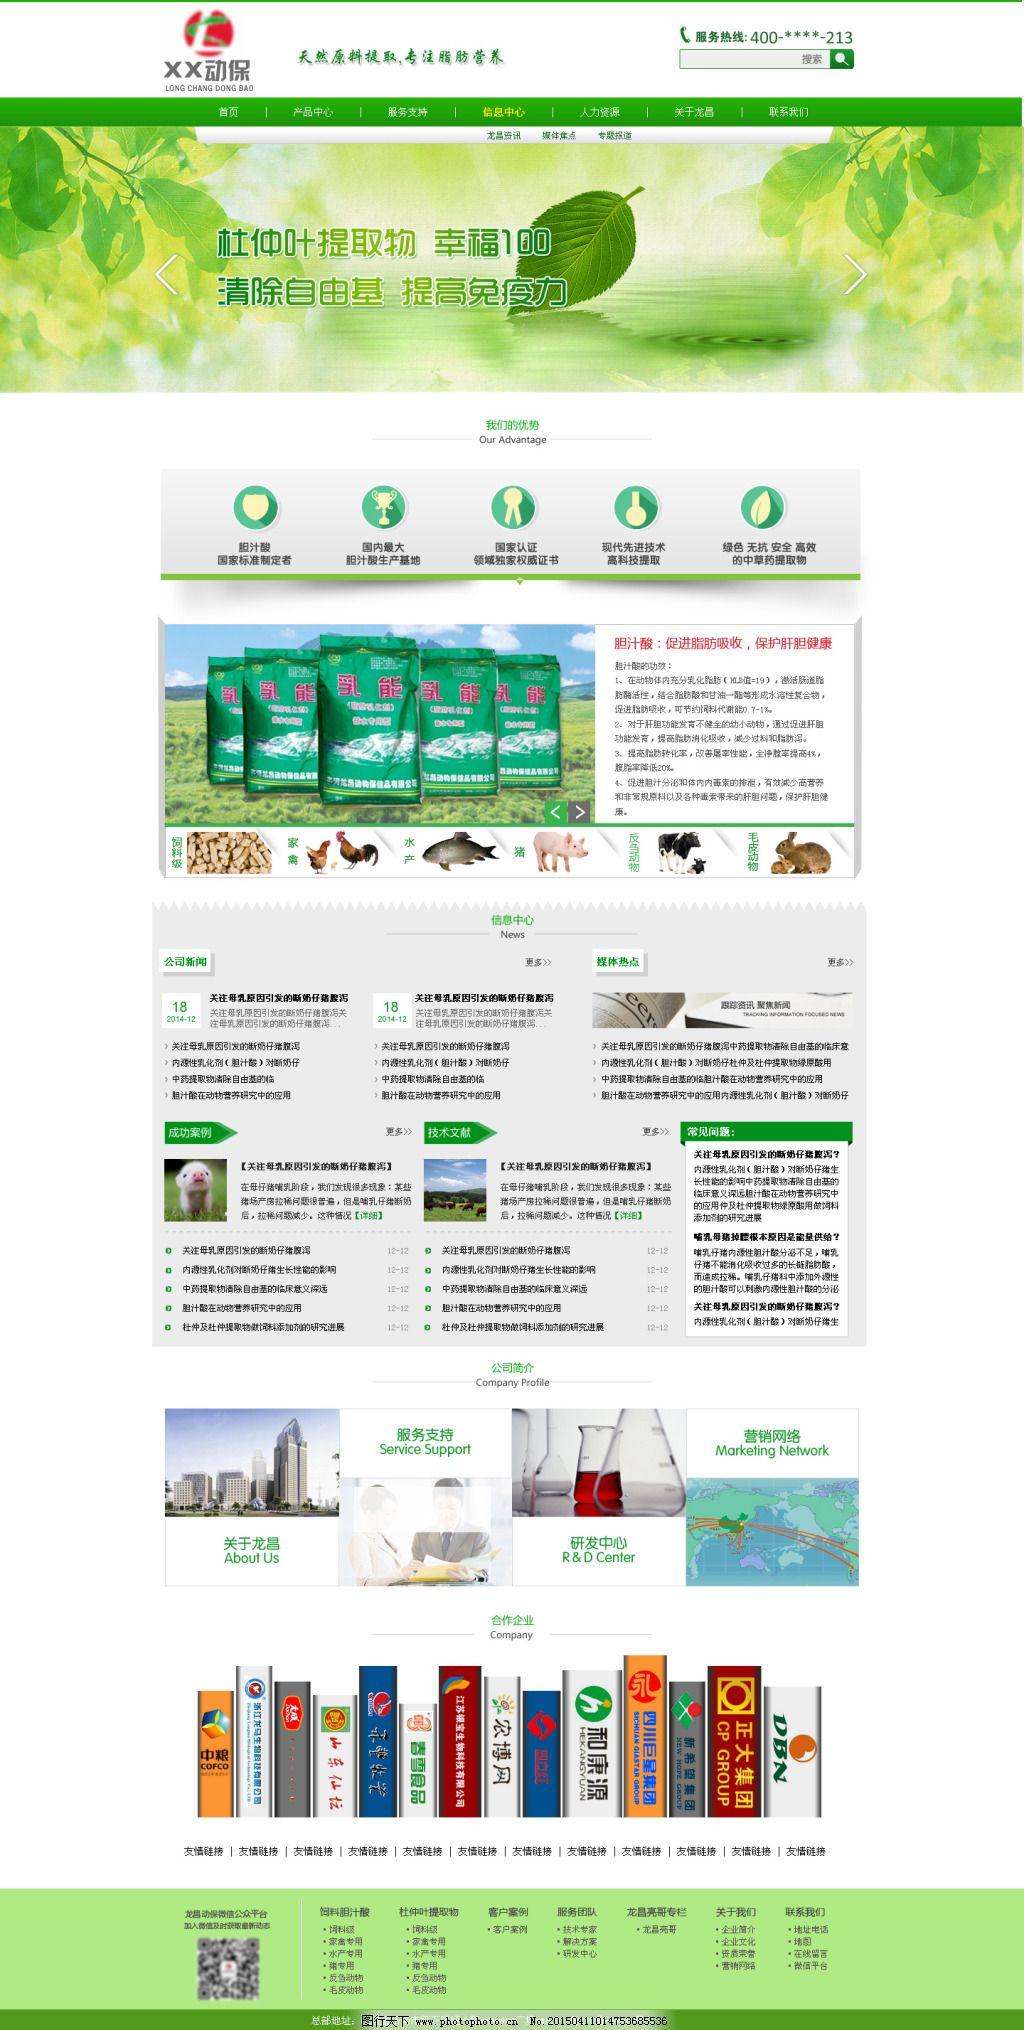 绿色动物饲料企业站 绿色动物饲料企业站免费下载 原创设计 原创网页设计